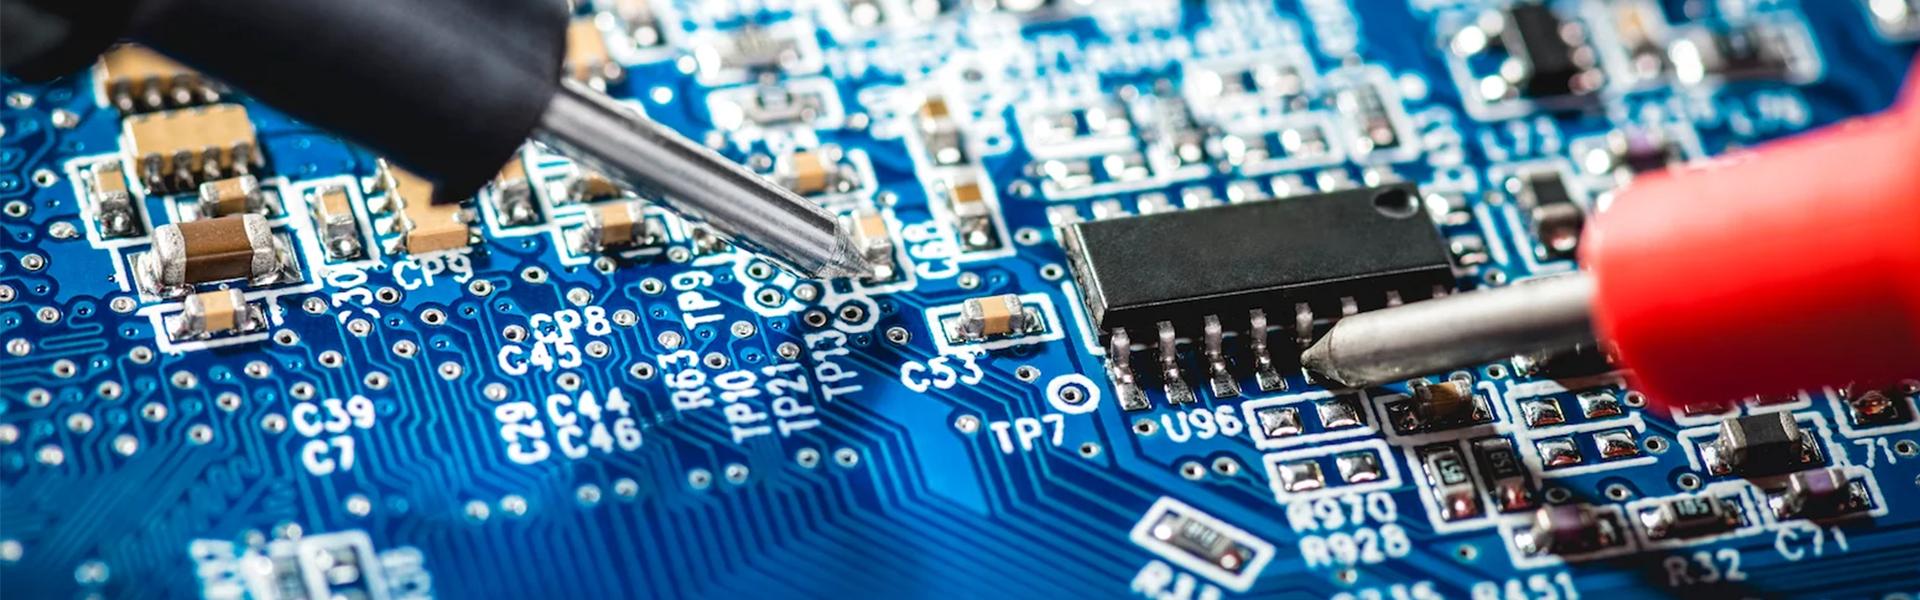 riparazione elettronica computer monopattini elettrici software